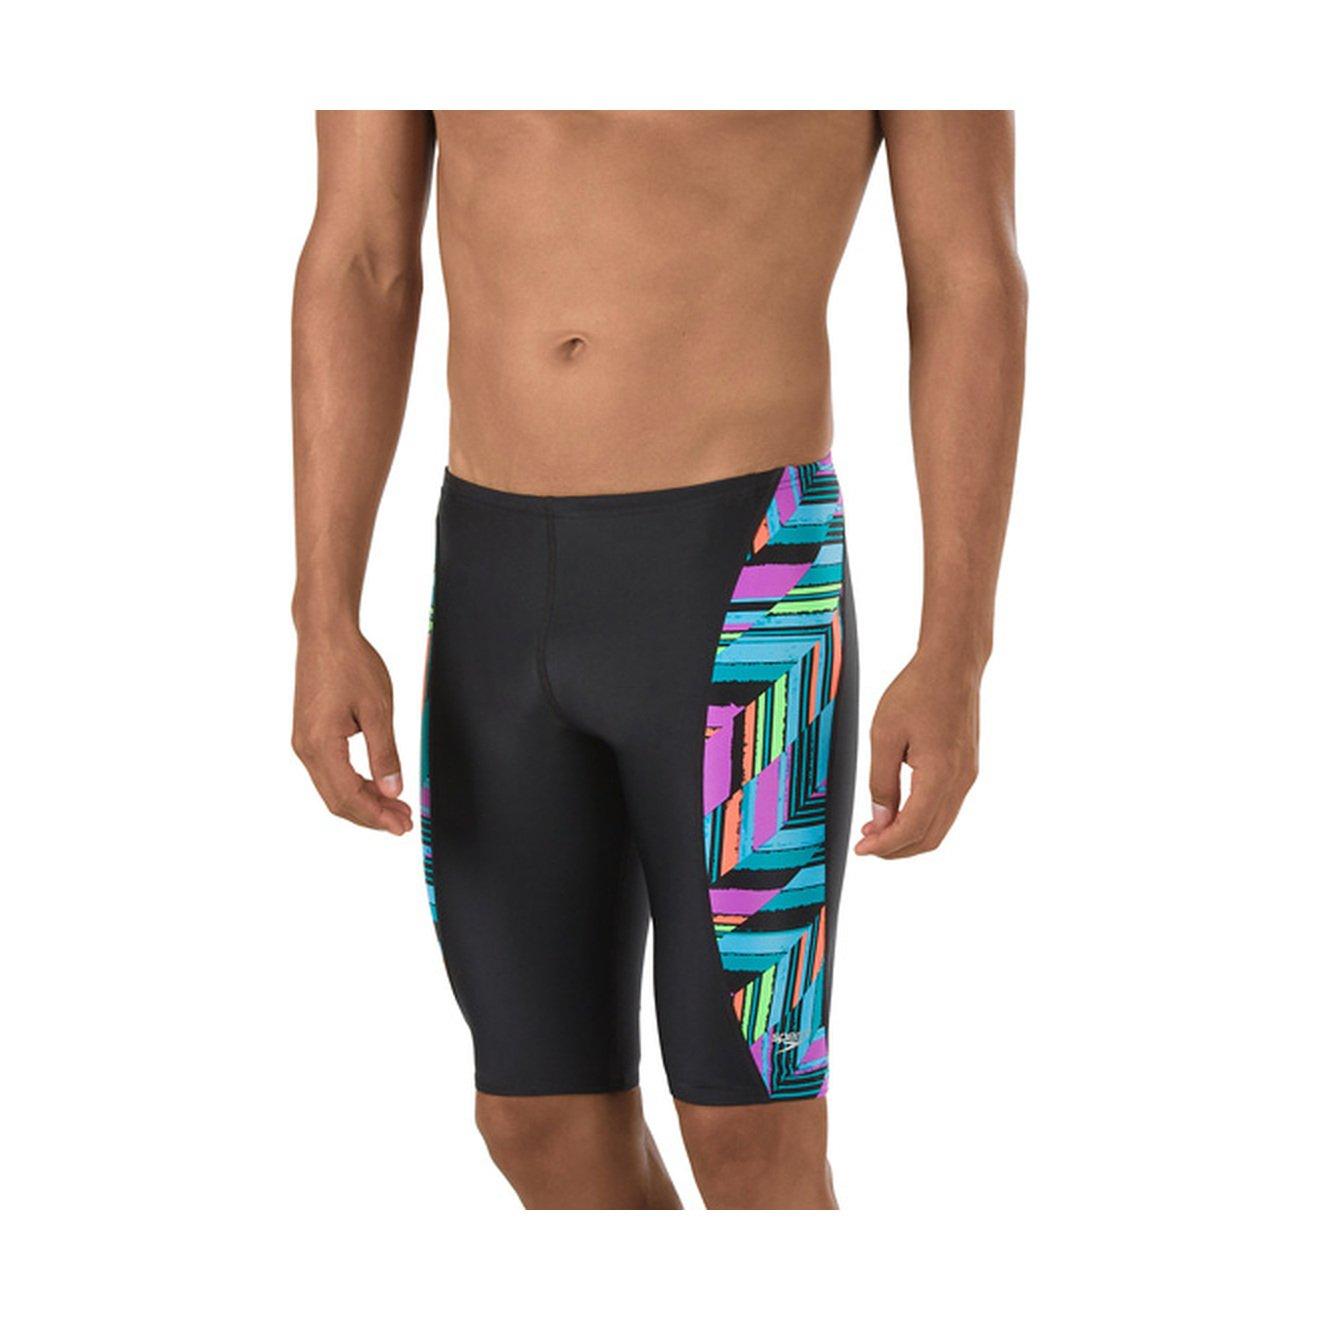 Speedo Mens PowerFLEX Eco Angles Jammer Swimsuit